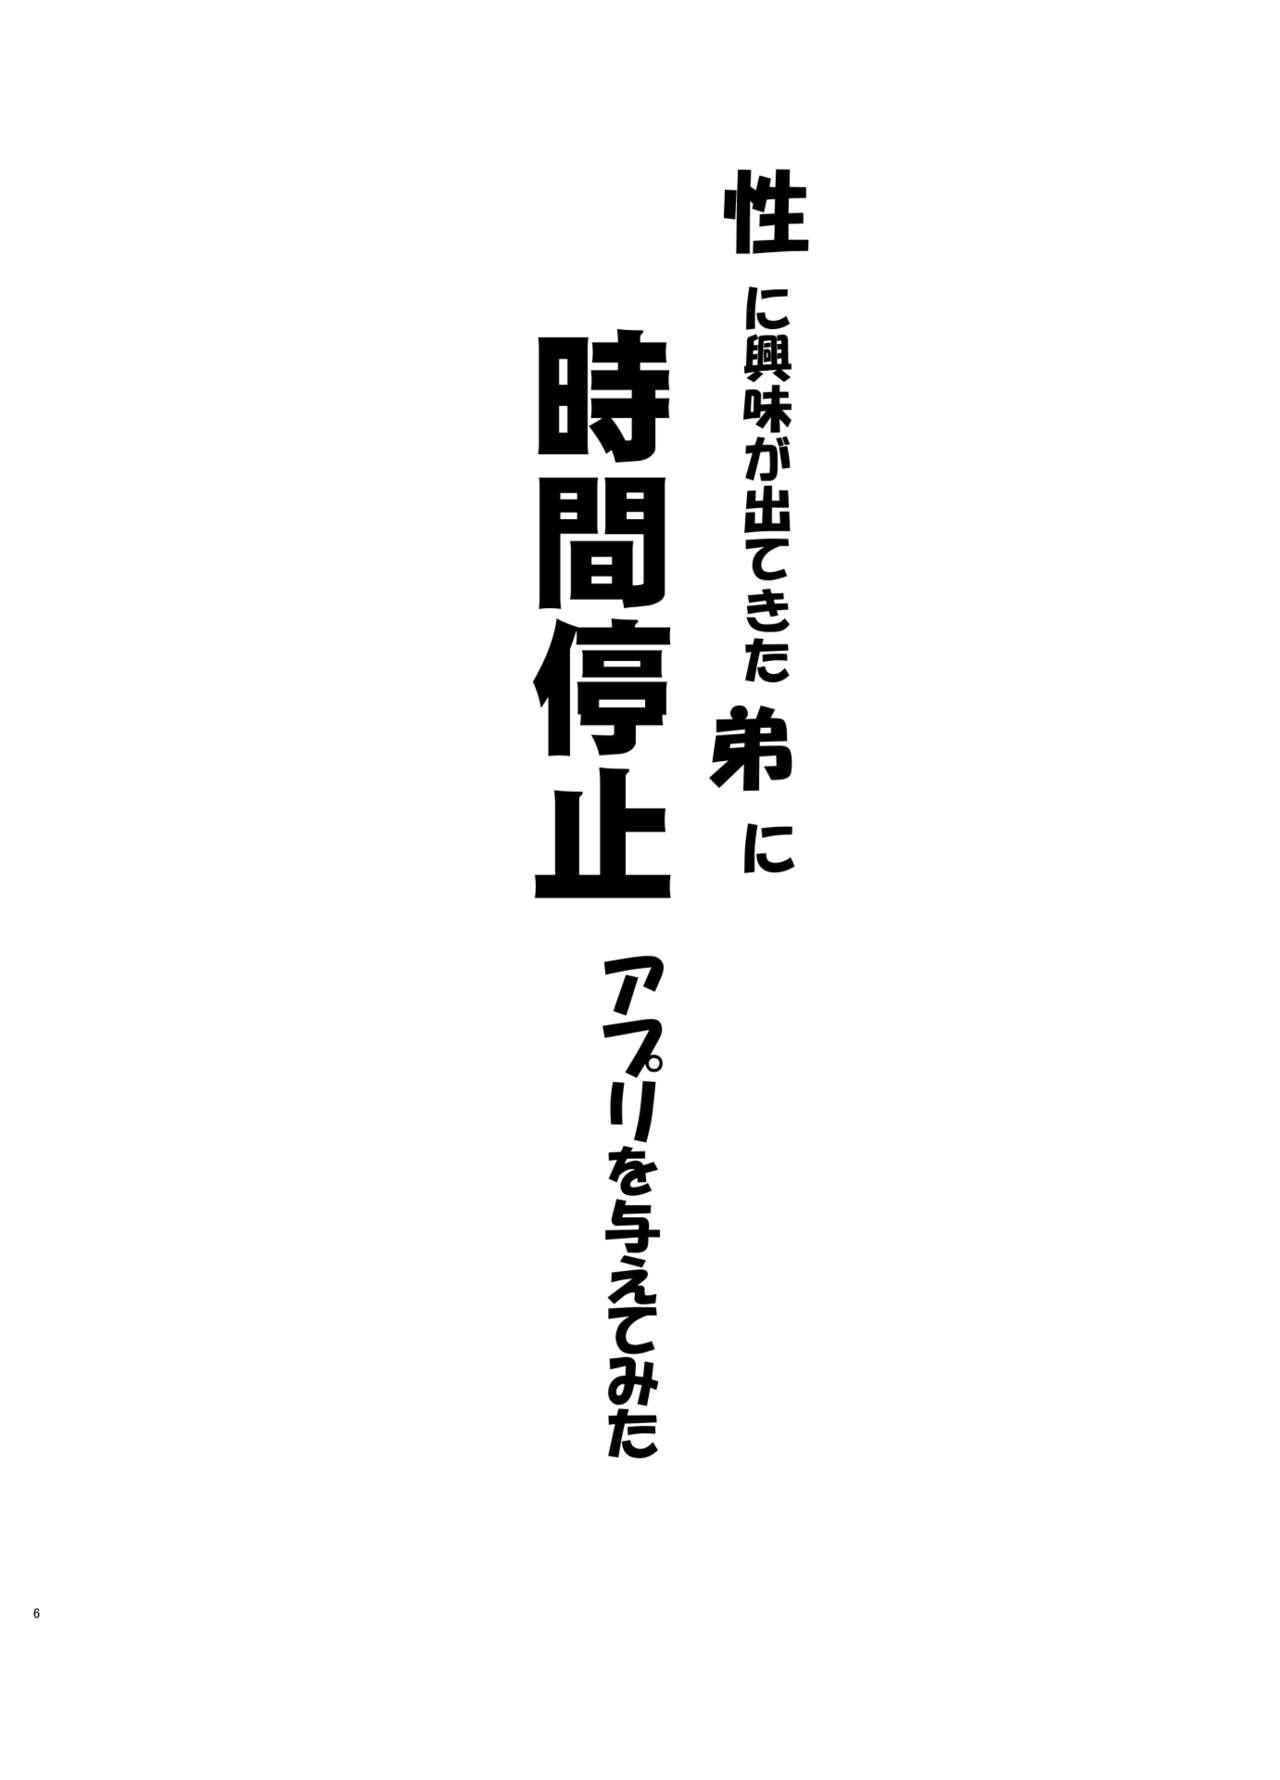 Sei ni Kyoumi ga Detekita Otouto ni Jikan Teishi Appli o Ataete Mita 4